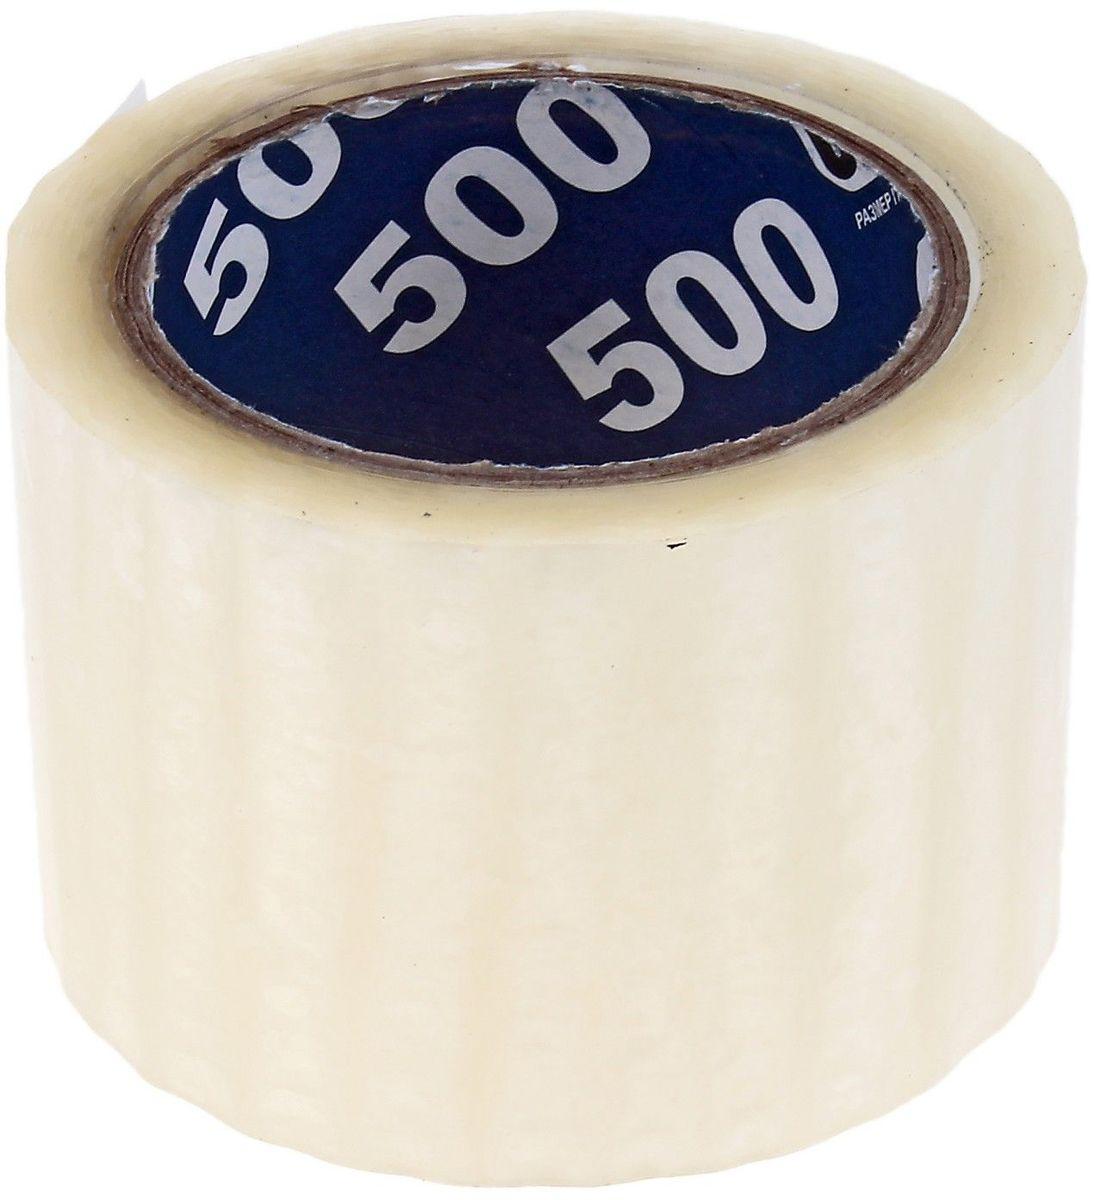 Unibob Клейкая лента 72 мм х 66 м цвет прозрачный691930Клейкая лента Unibob на полипропиленовой основе - это водонепроницаемое изделие, которое способно противостоять широкому диапазону температур. Применяется в быту для упаковки легких и тяжелых коробок, изготовленных из гофрокартона, строительных смесей, масложировой продукции и мороженого, канцелярских товаров, промышленных товаров.Клейкая лента поможет скрепить предметы в любой ситуации, например, если вы делаете ремонт или меняете место жительства и пакуете коробки.